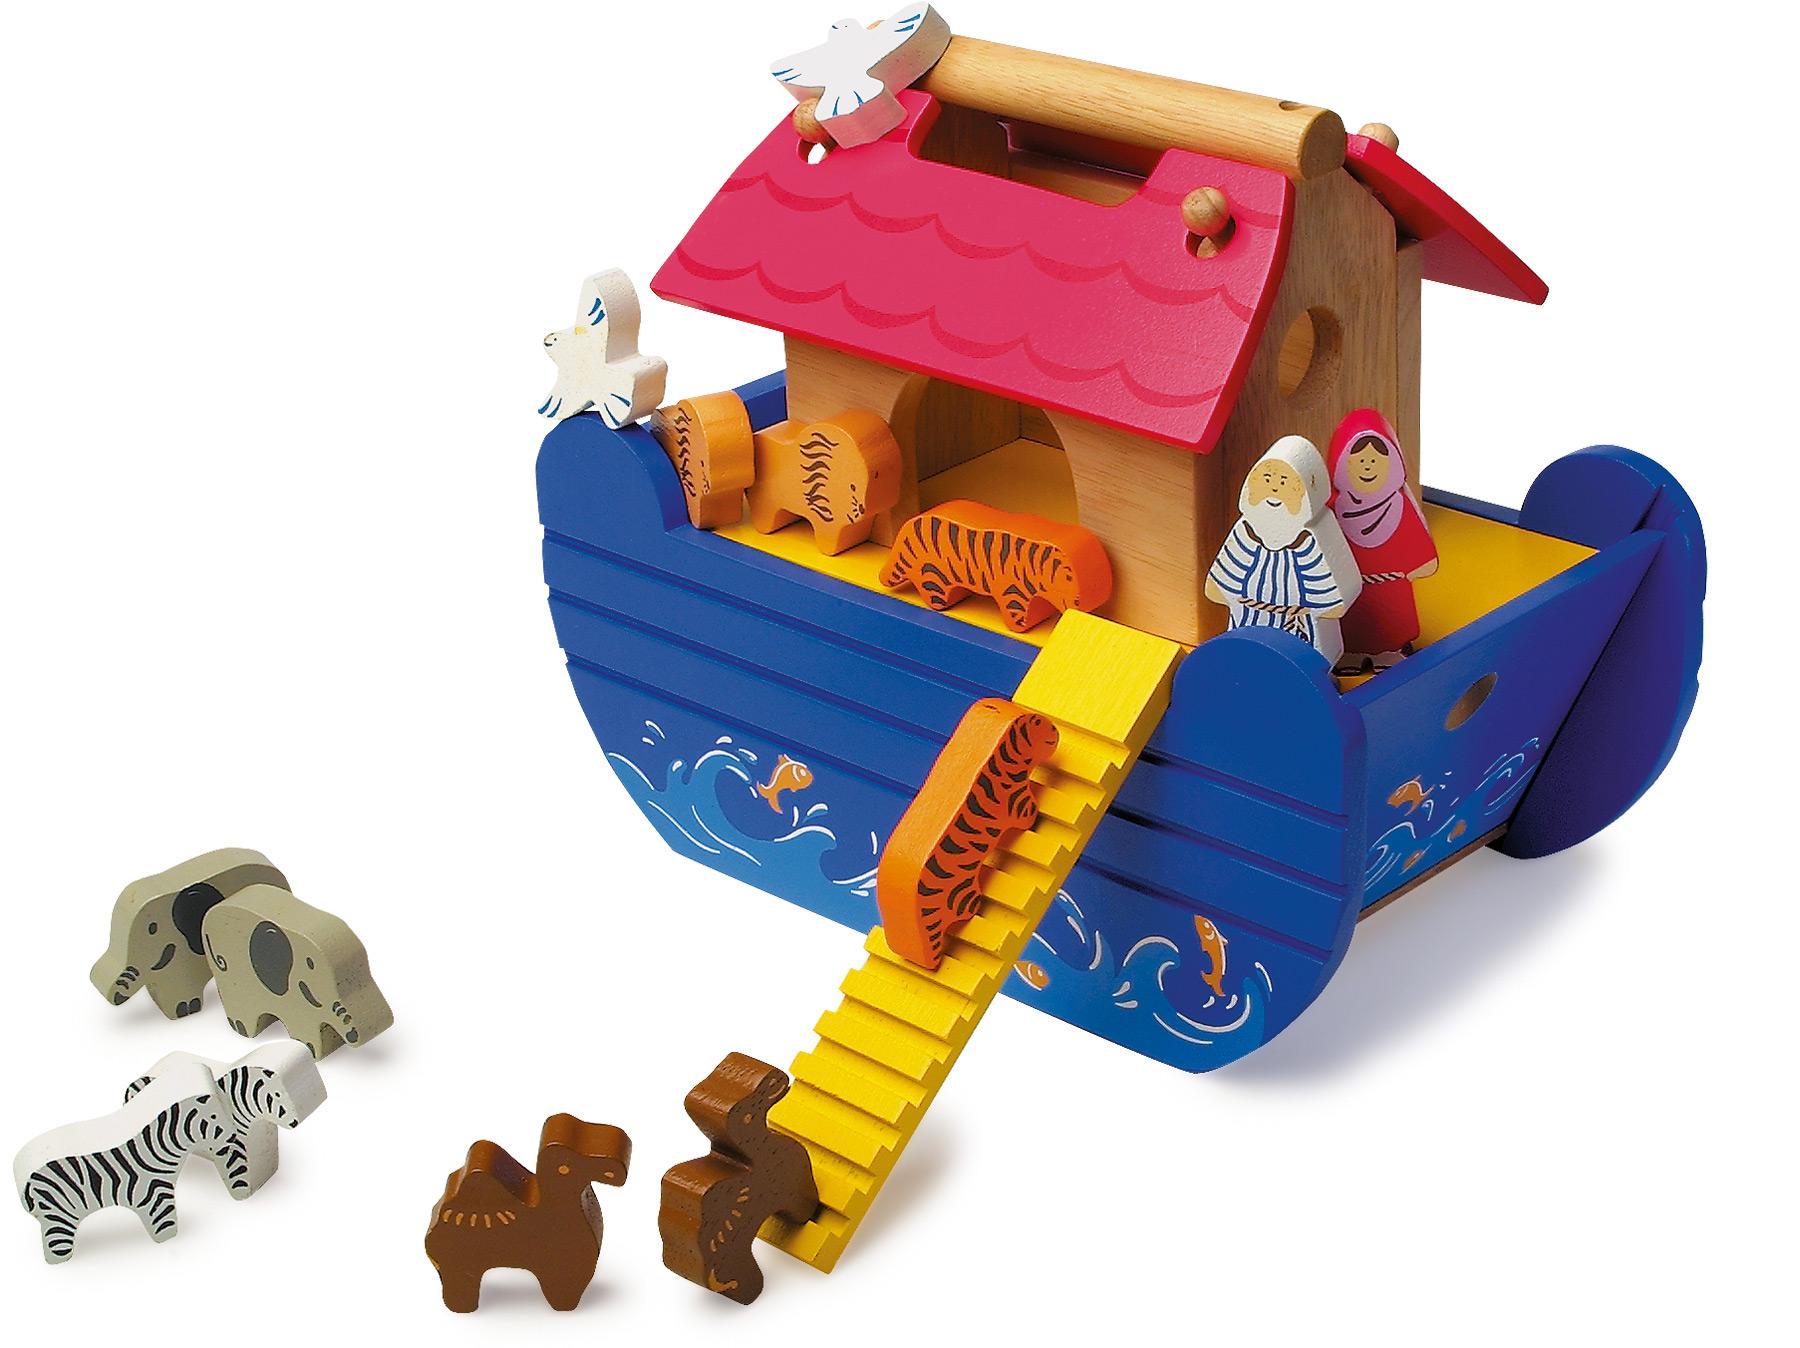 Noah's Ark of Wood Animals Figurines Play Figures Wooden ...